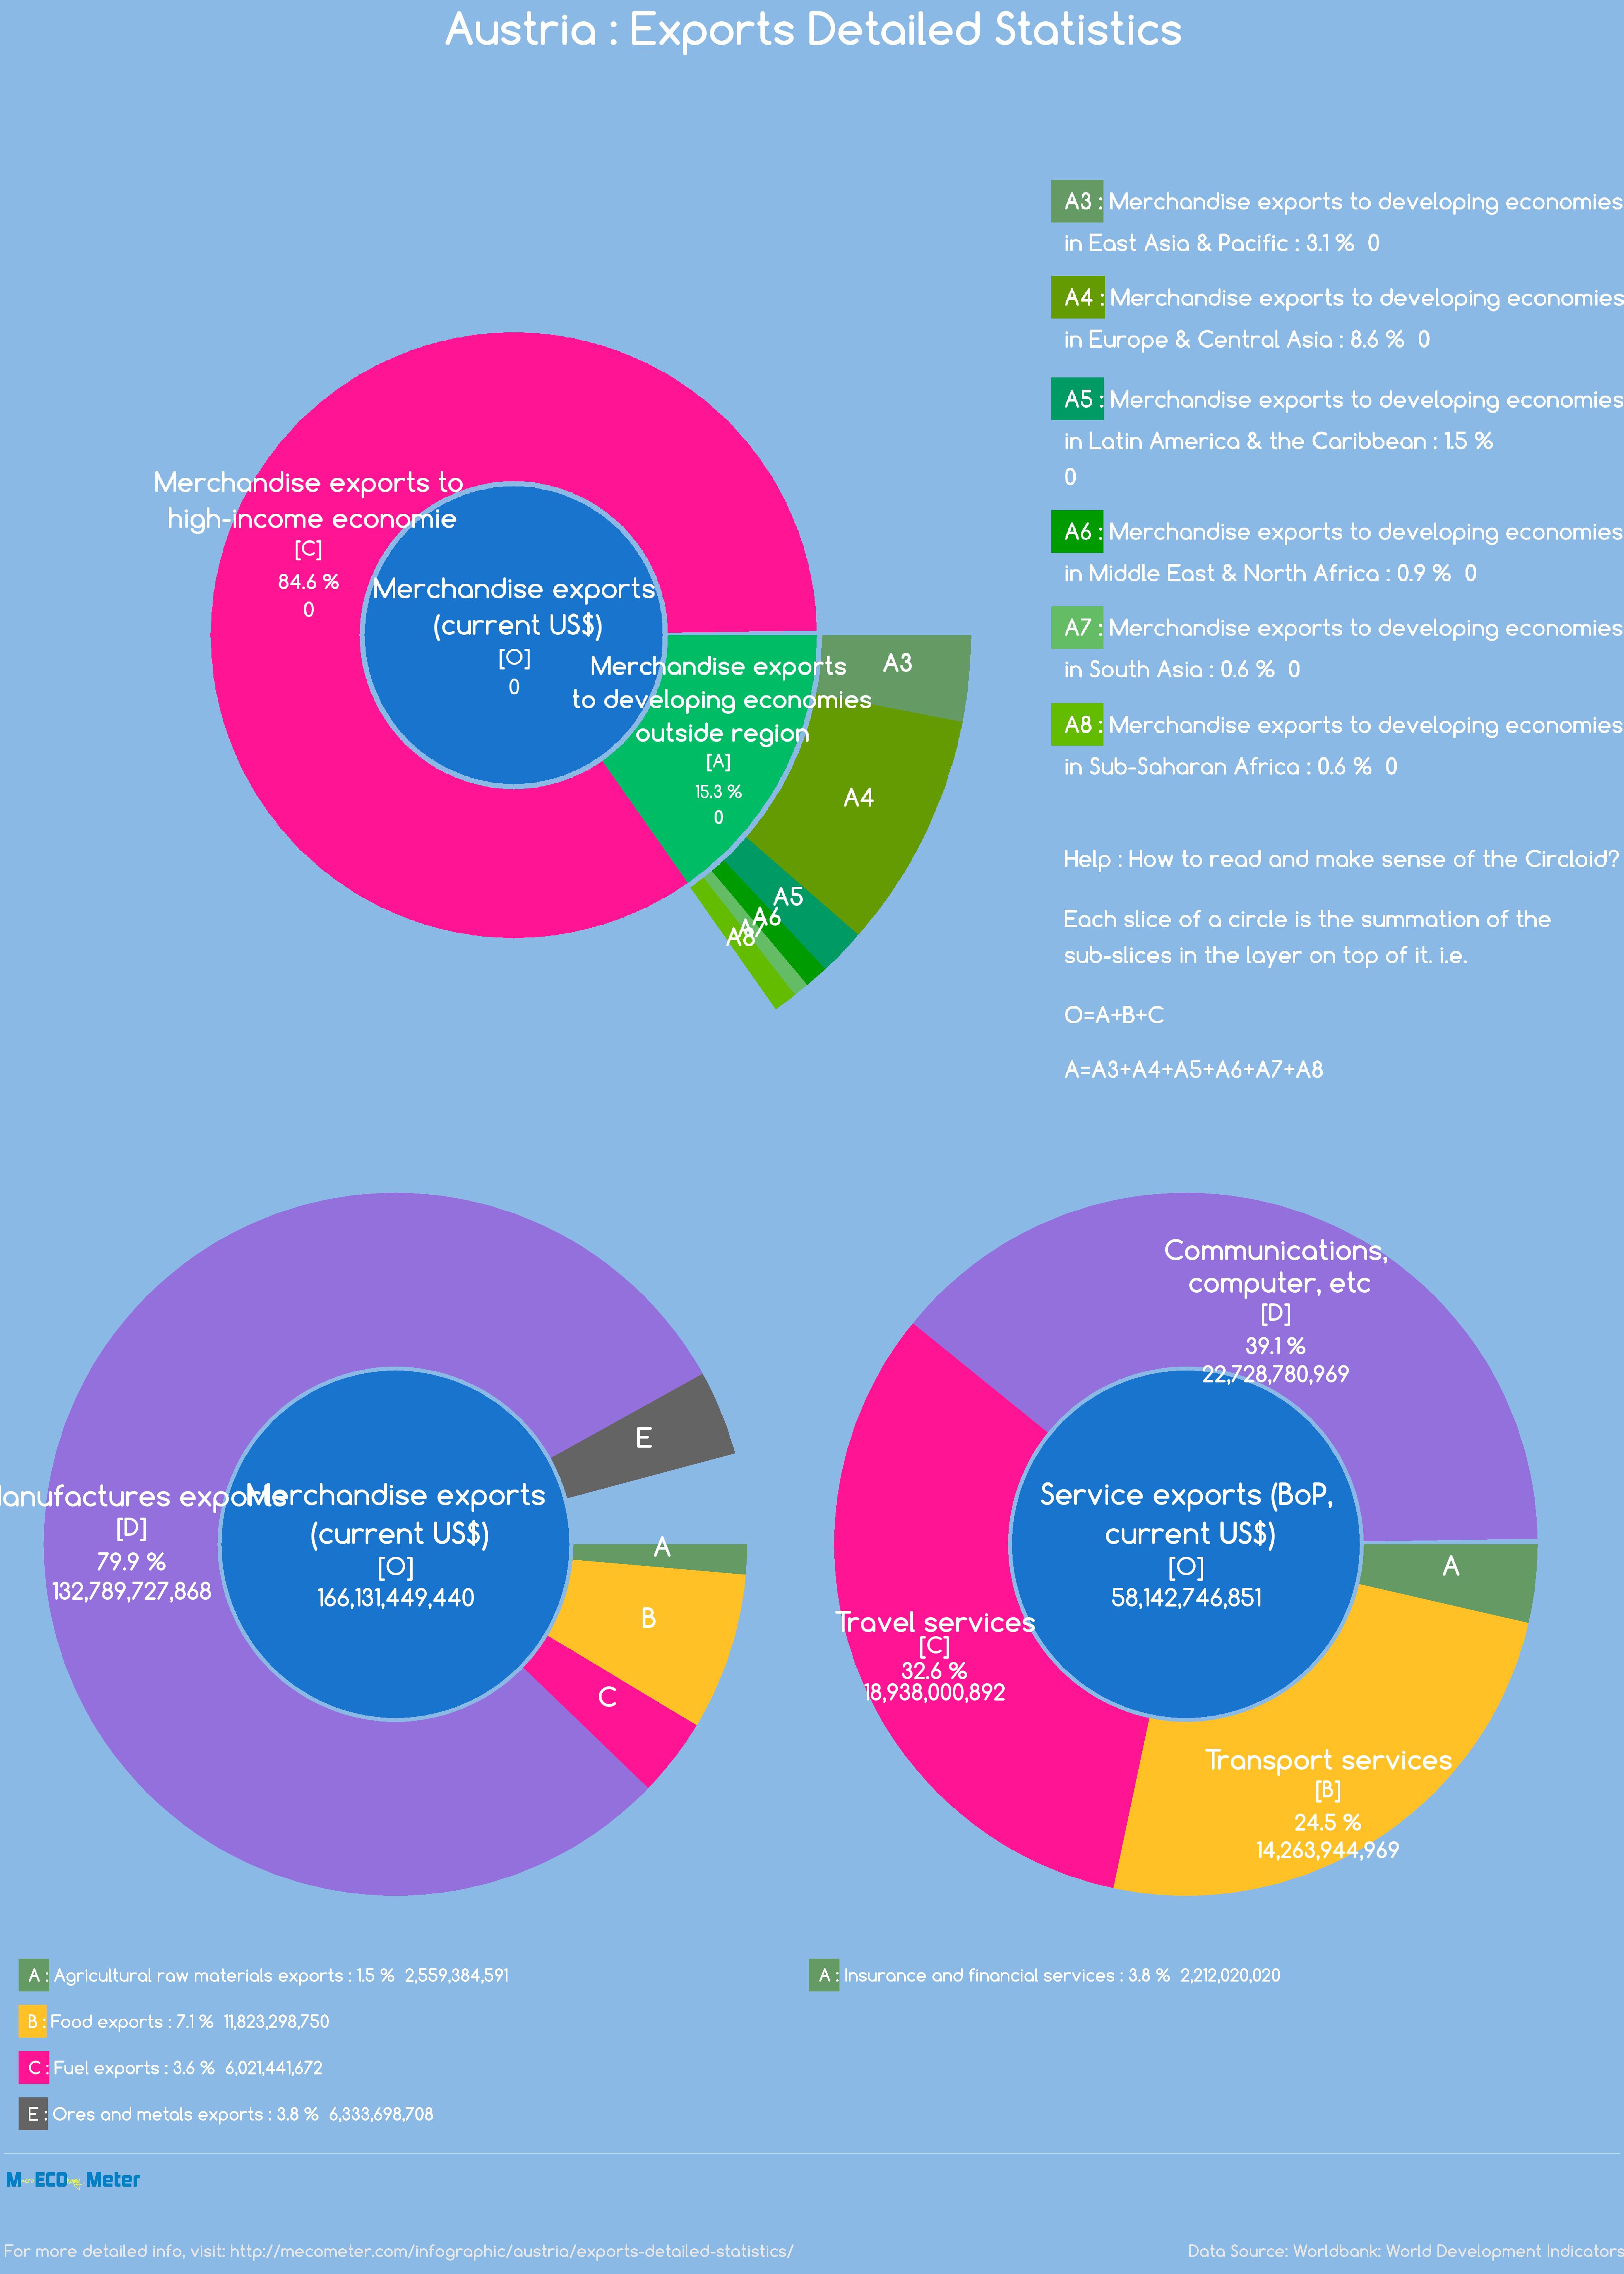 Austria : Exports Detailed Statistics